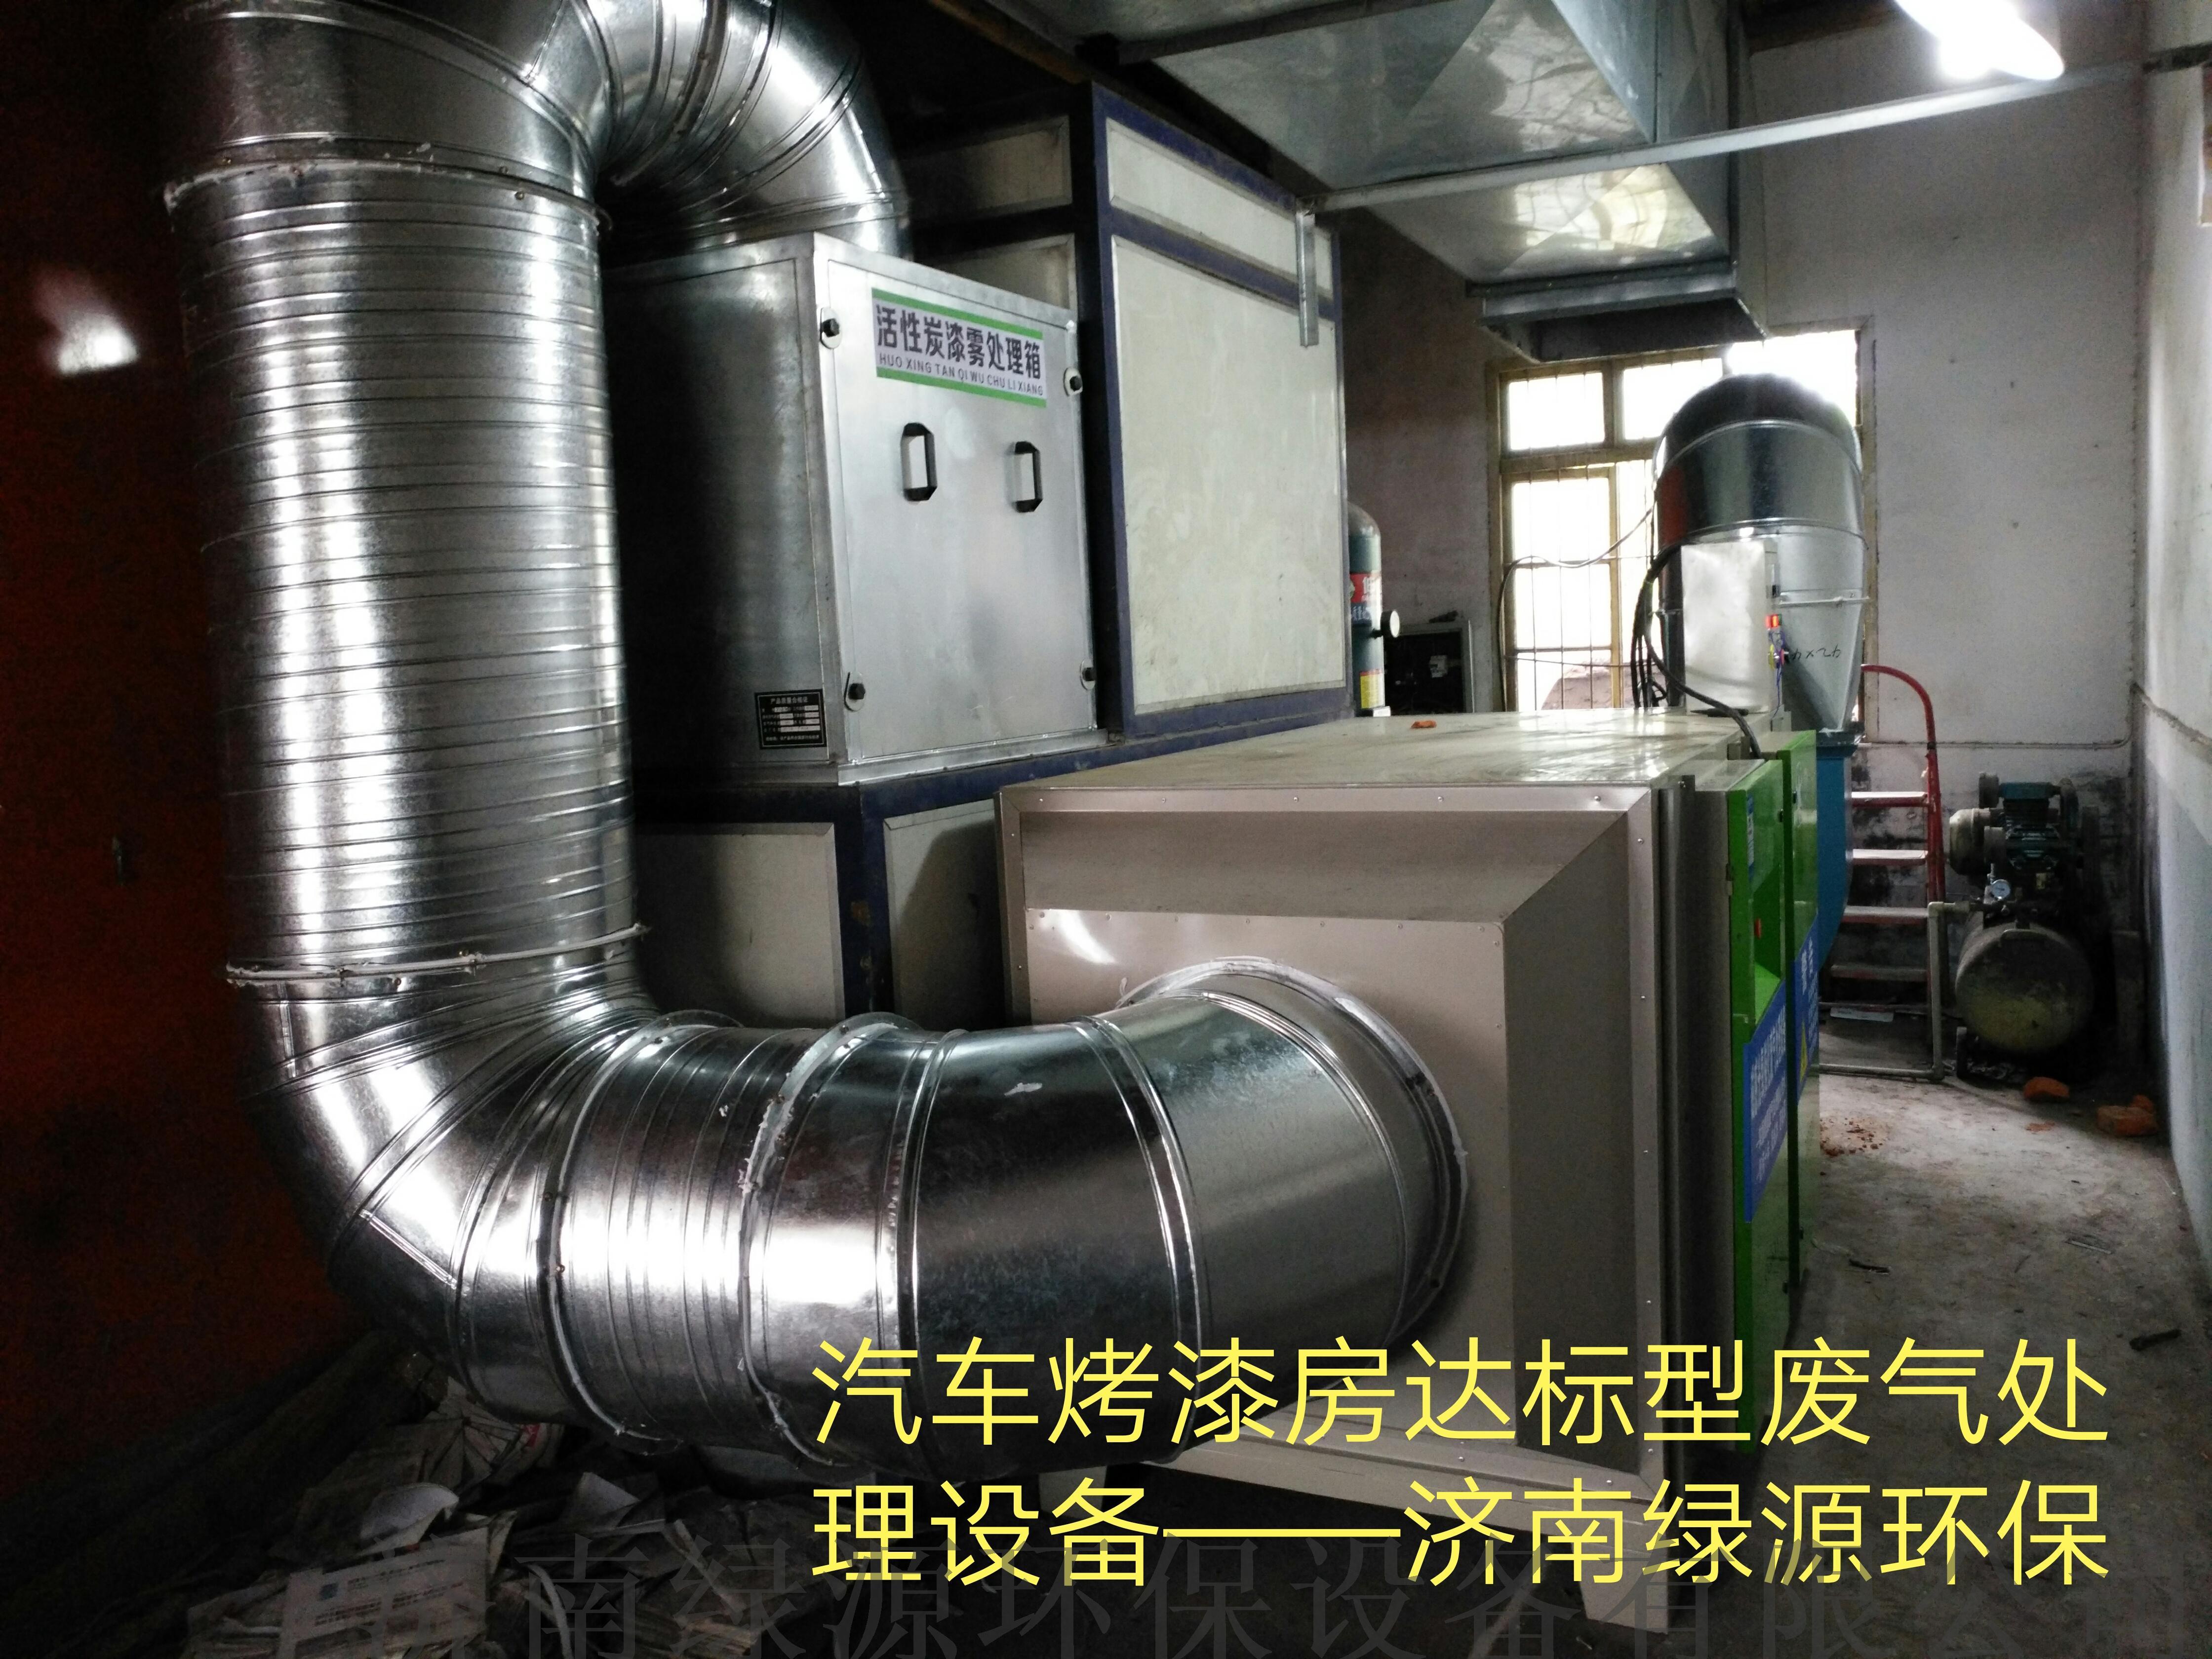 立式光氧一體機 汽車噴漆房環保設備770840742